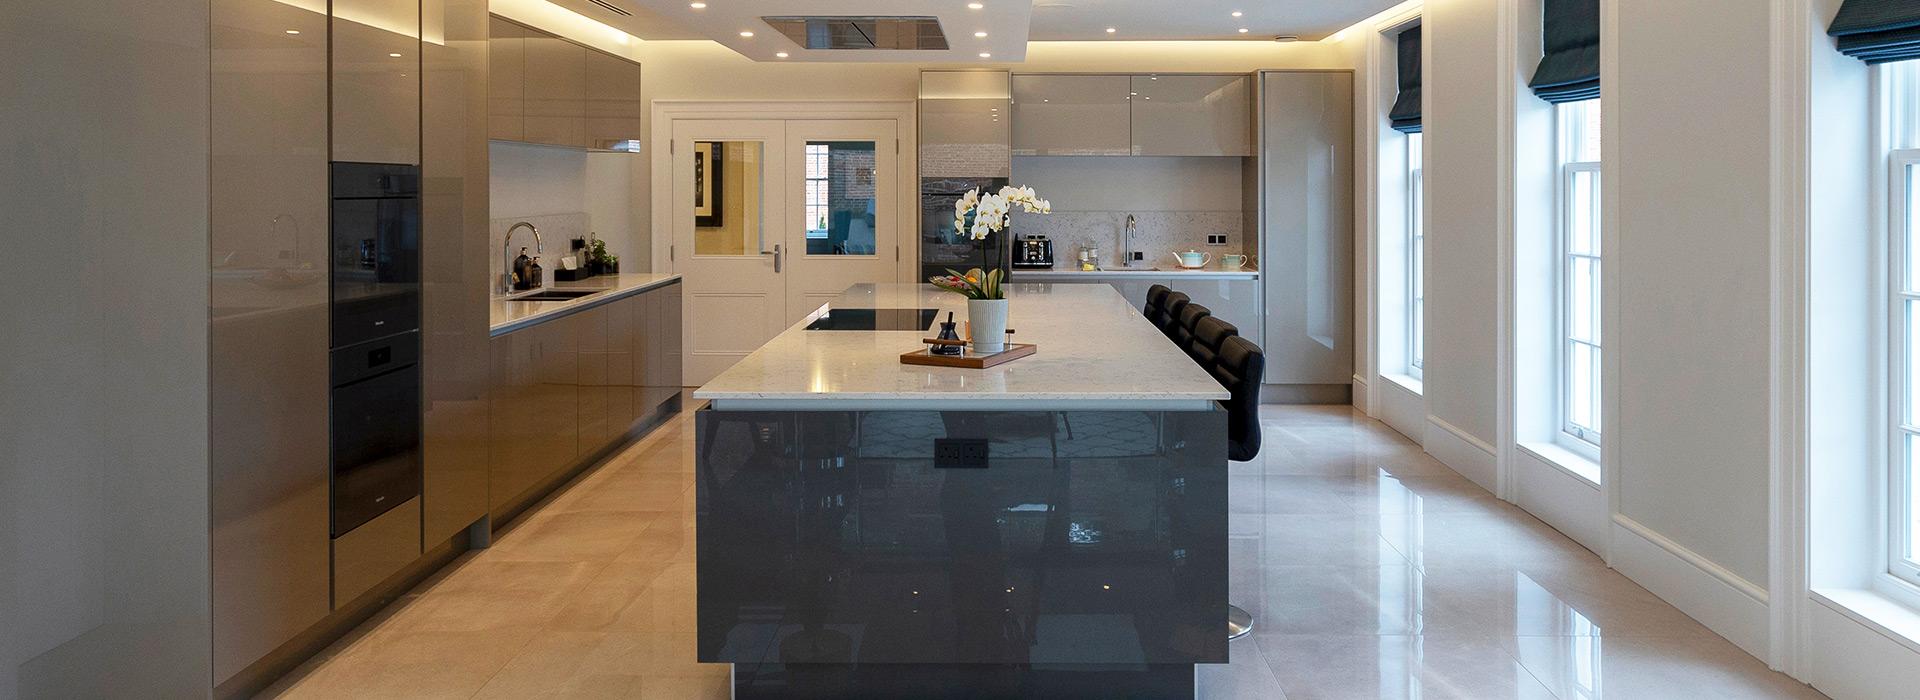 Modern kitchen glazed doors